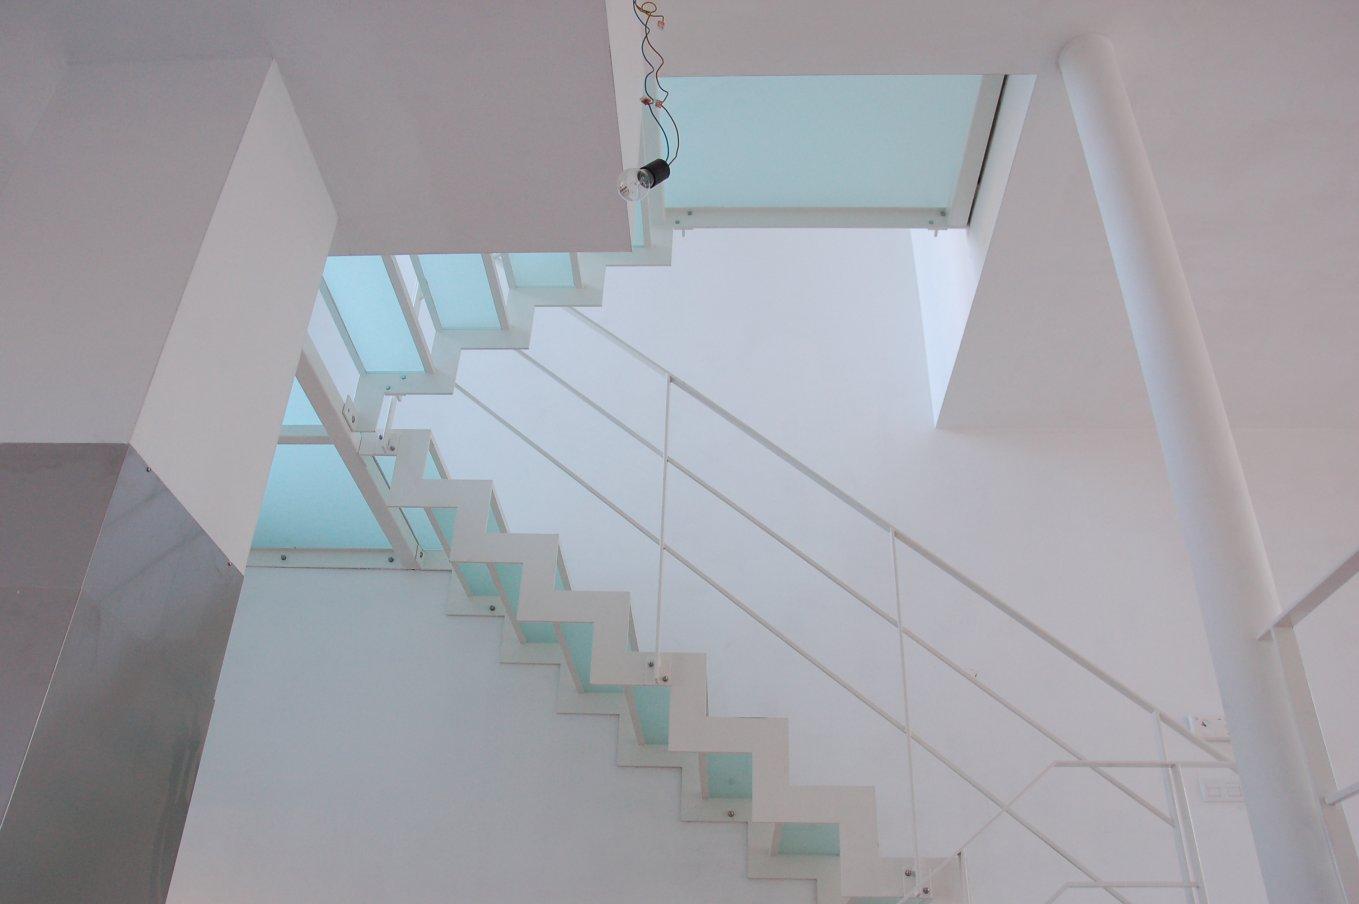 Klipveld_escalier